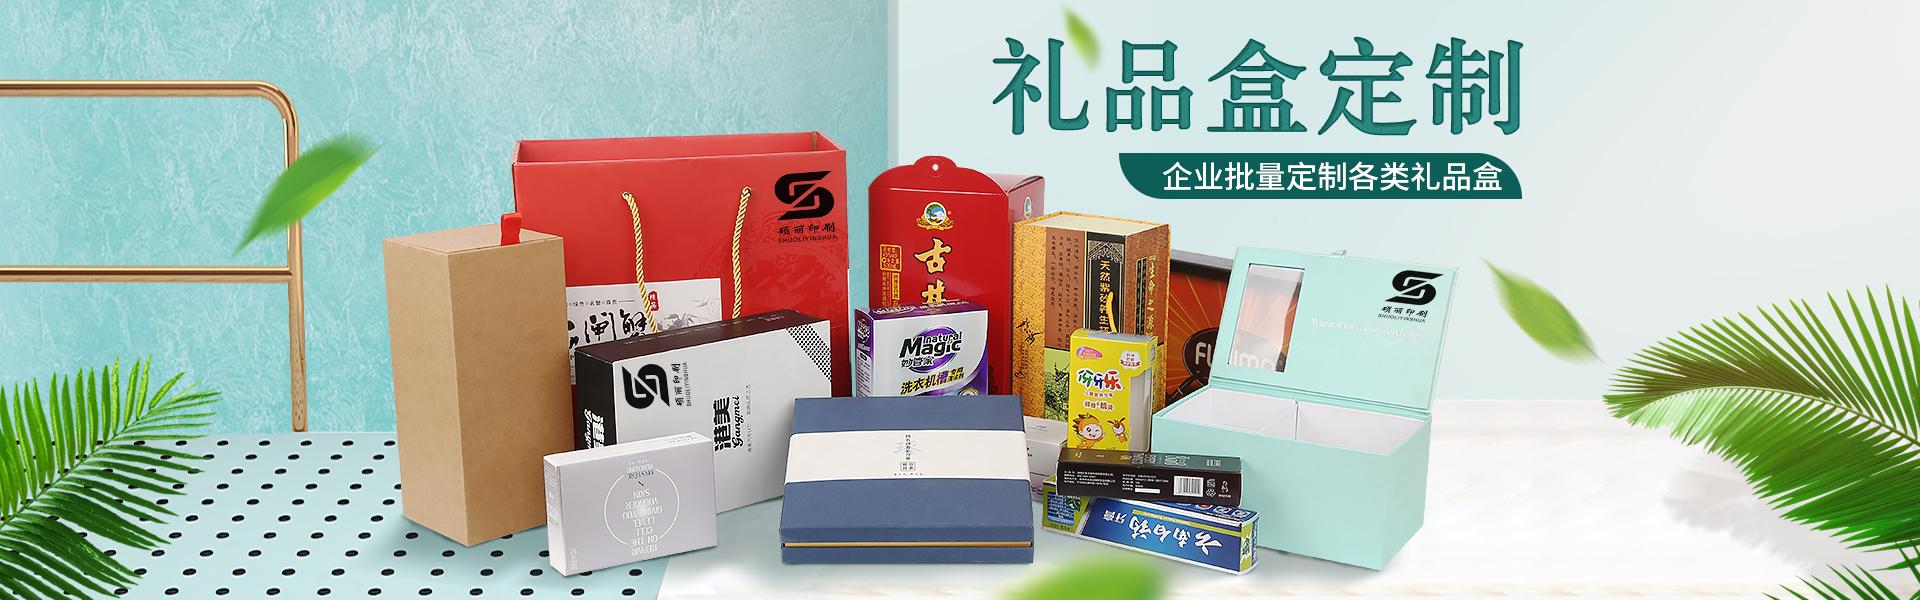 上海印刷公司